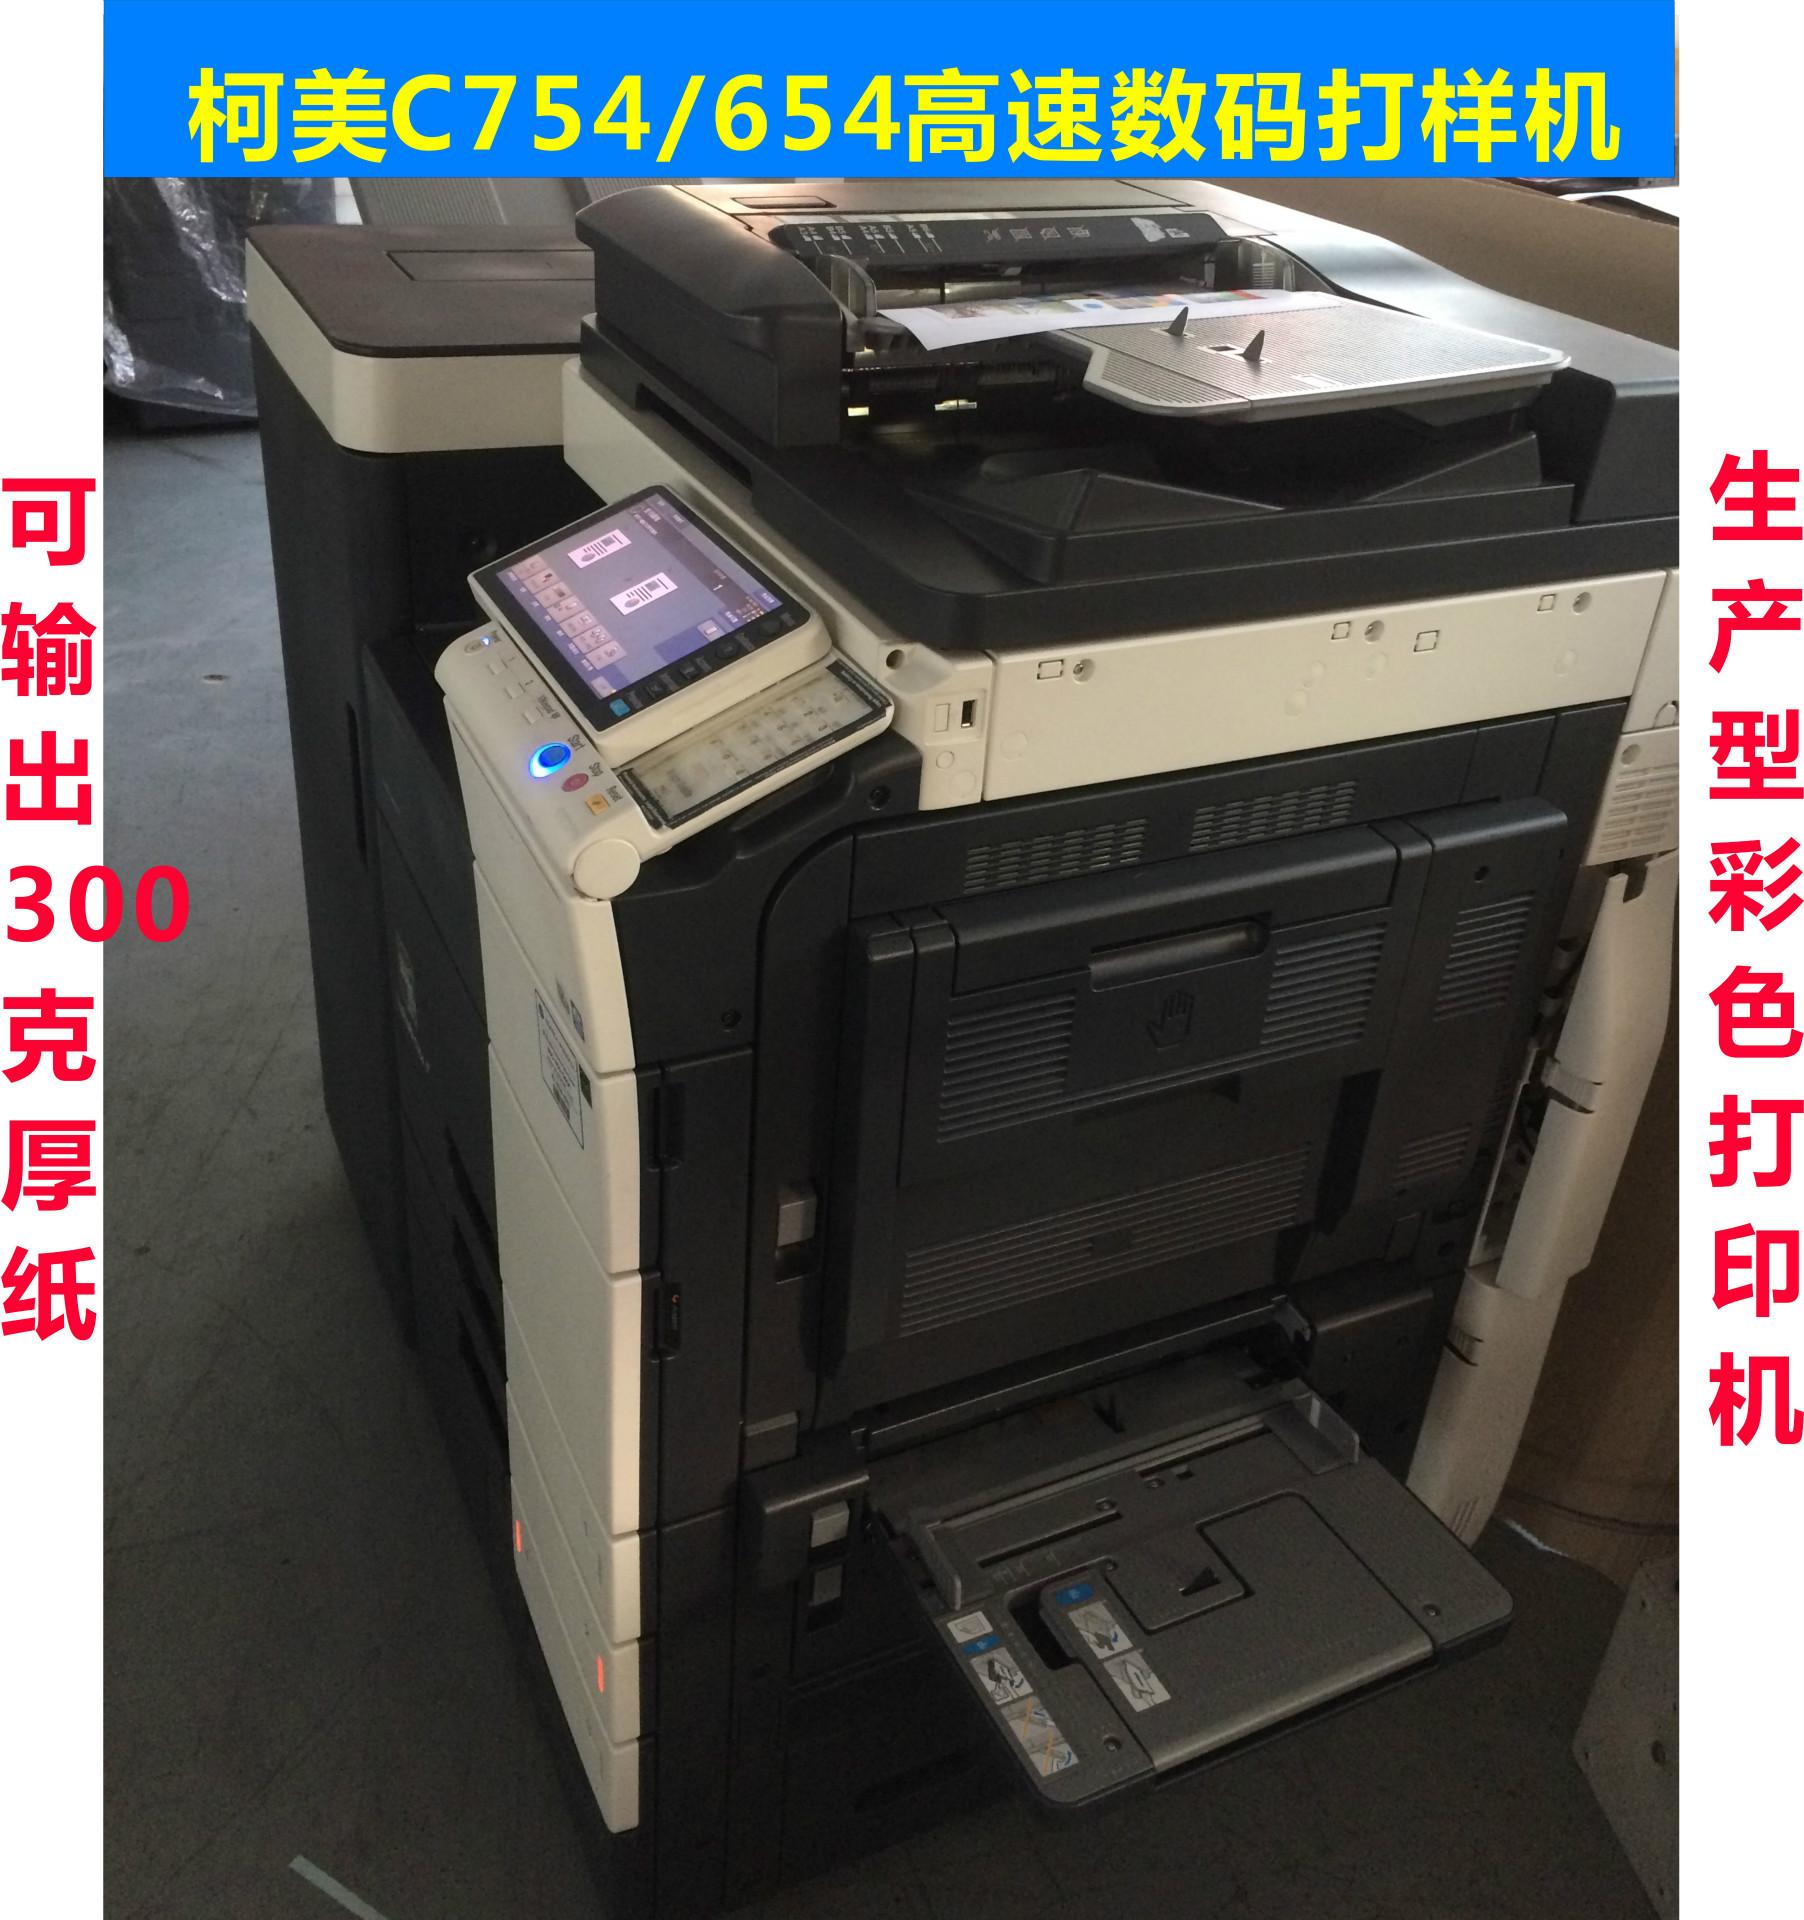 二手彩色复印机批发 柯美C754/654 高速彩色打印机